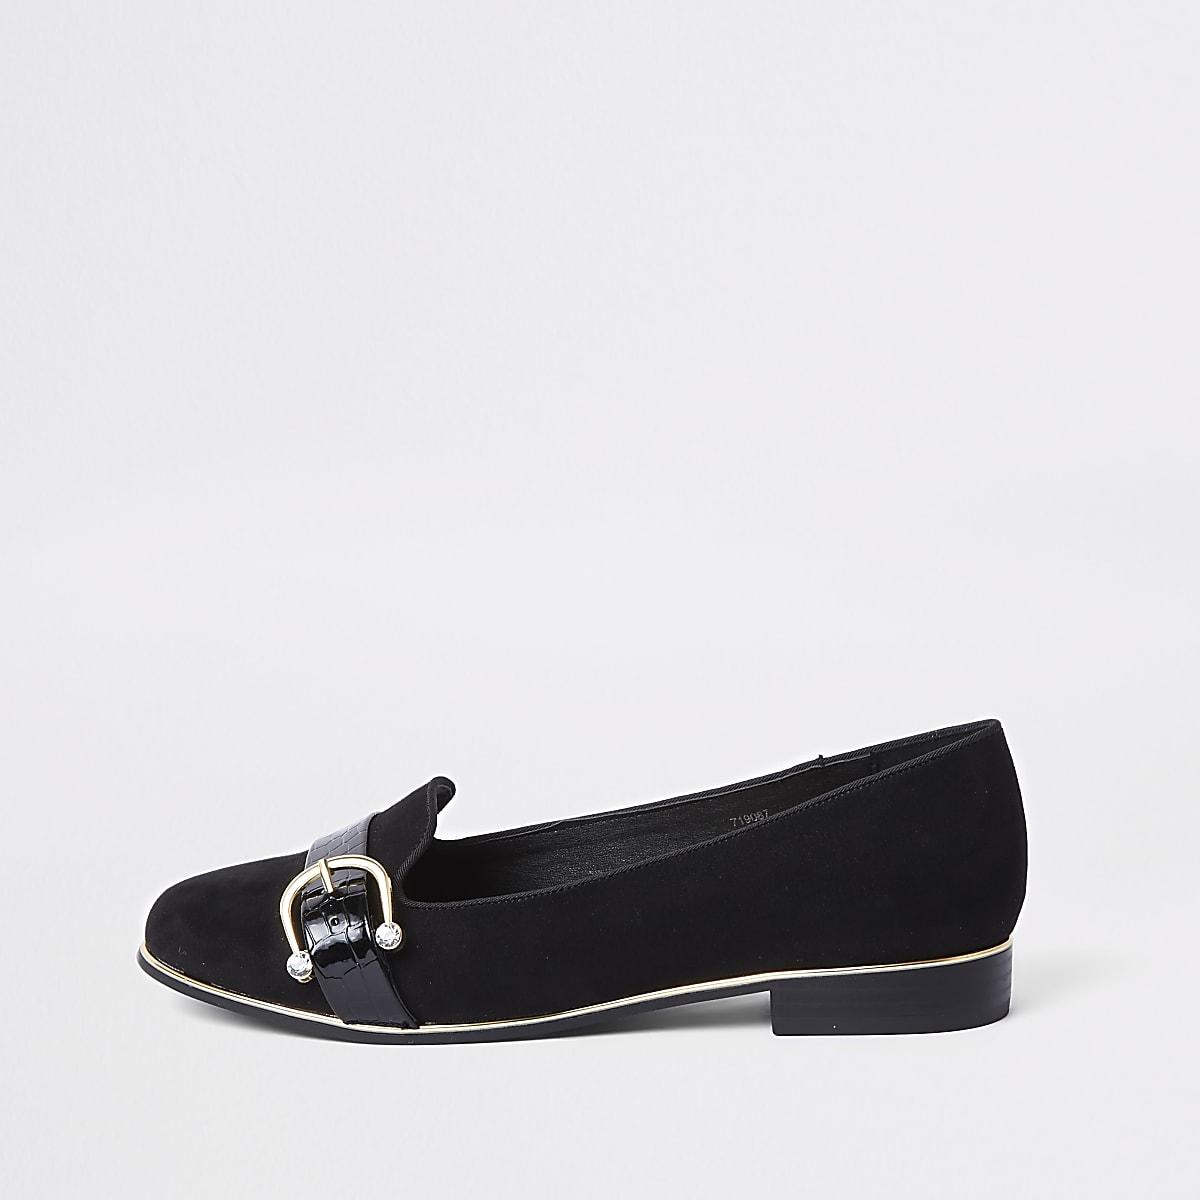 Zwarte loafers met gesp met siersteentjes